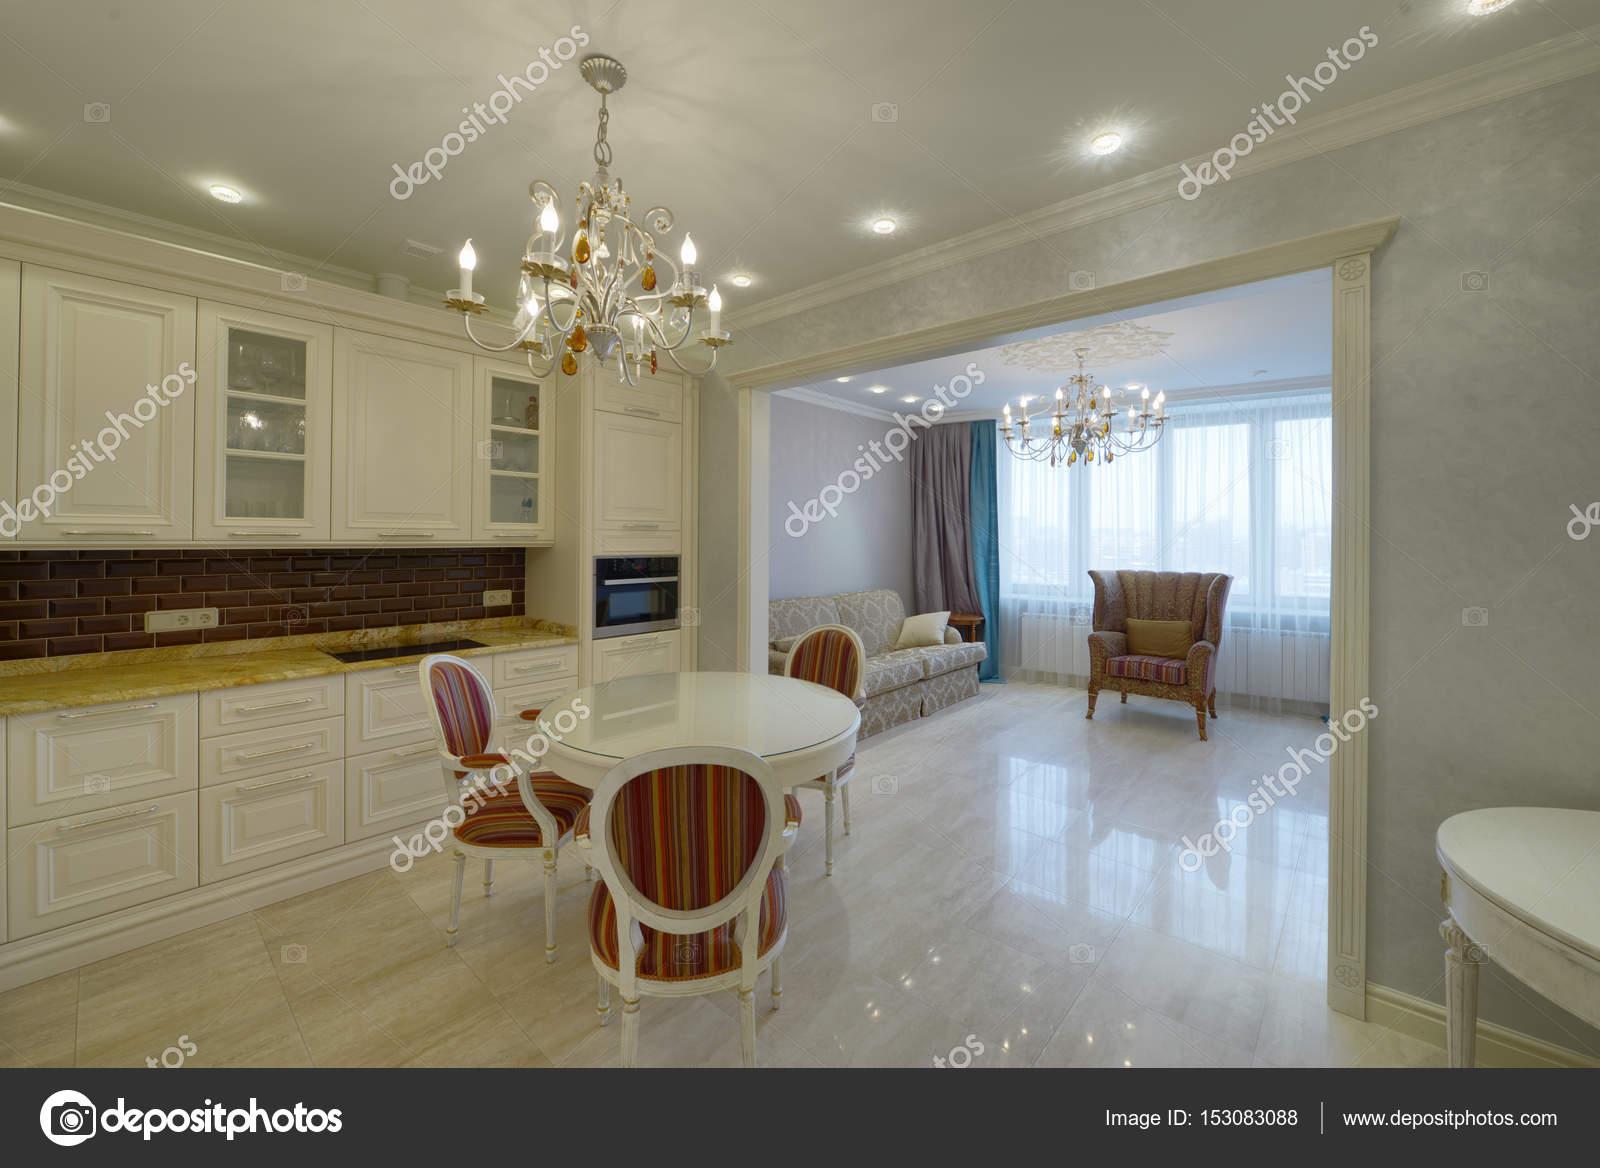 Superior Interior Design Moderne Küche Im Neuen Haus U2014 Stockfoto